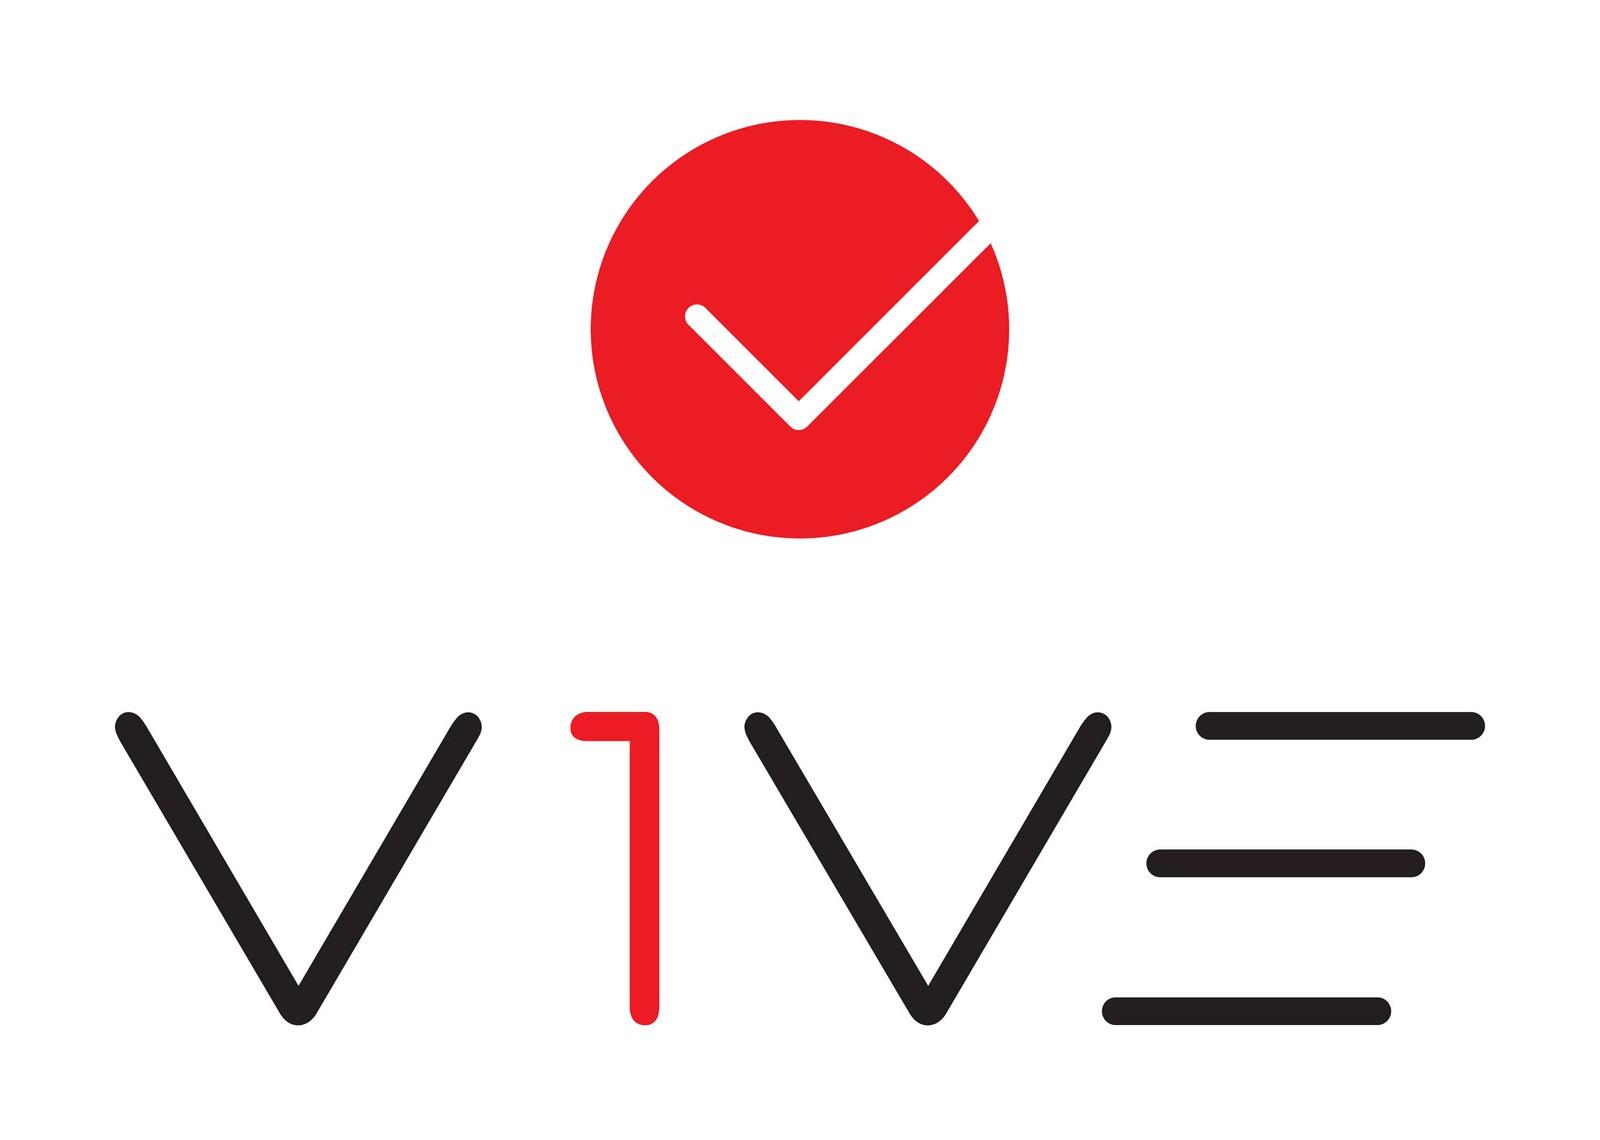 Vive - Logo - Study 1